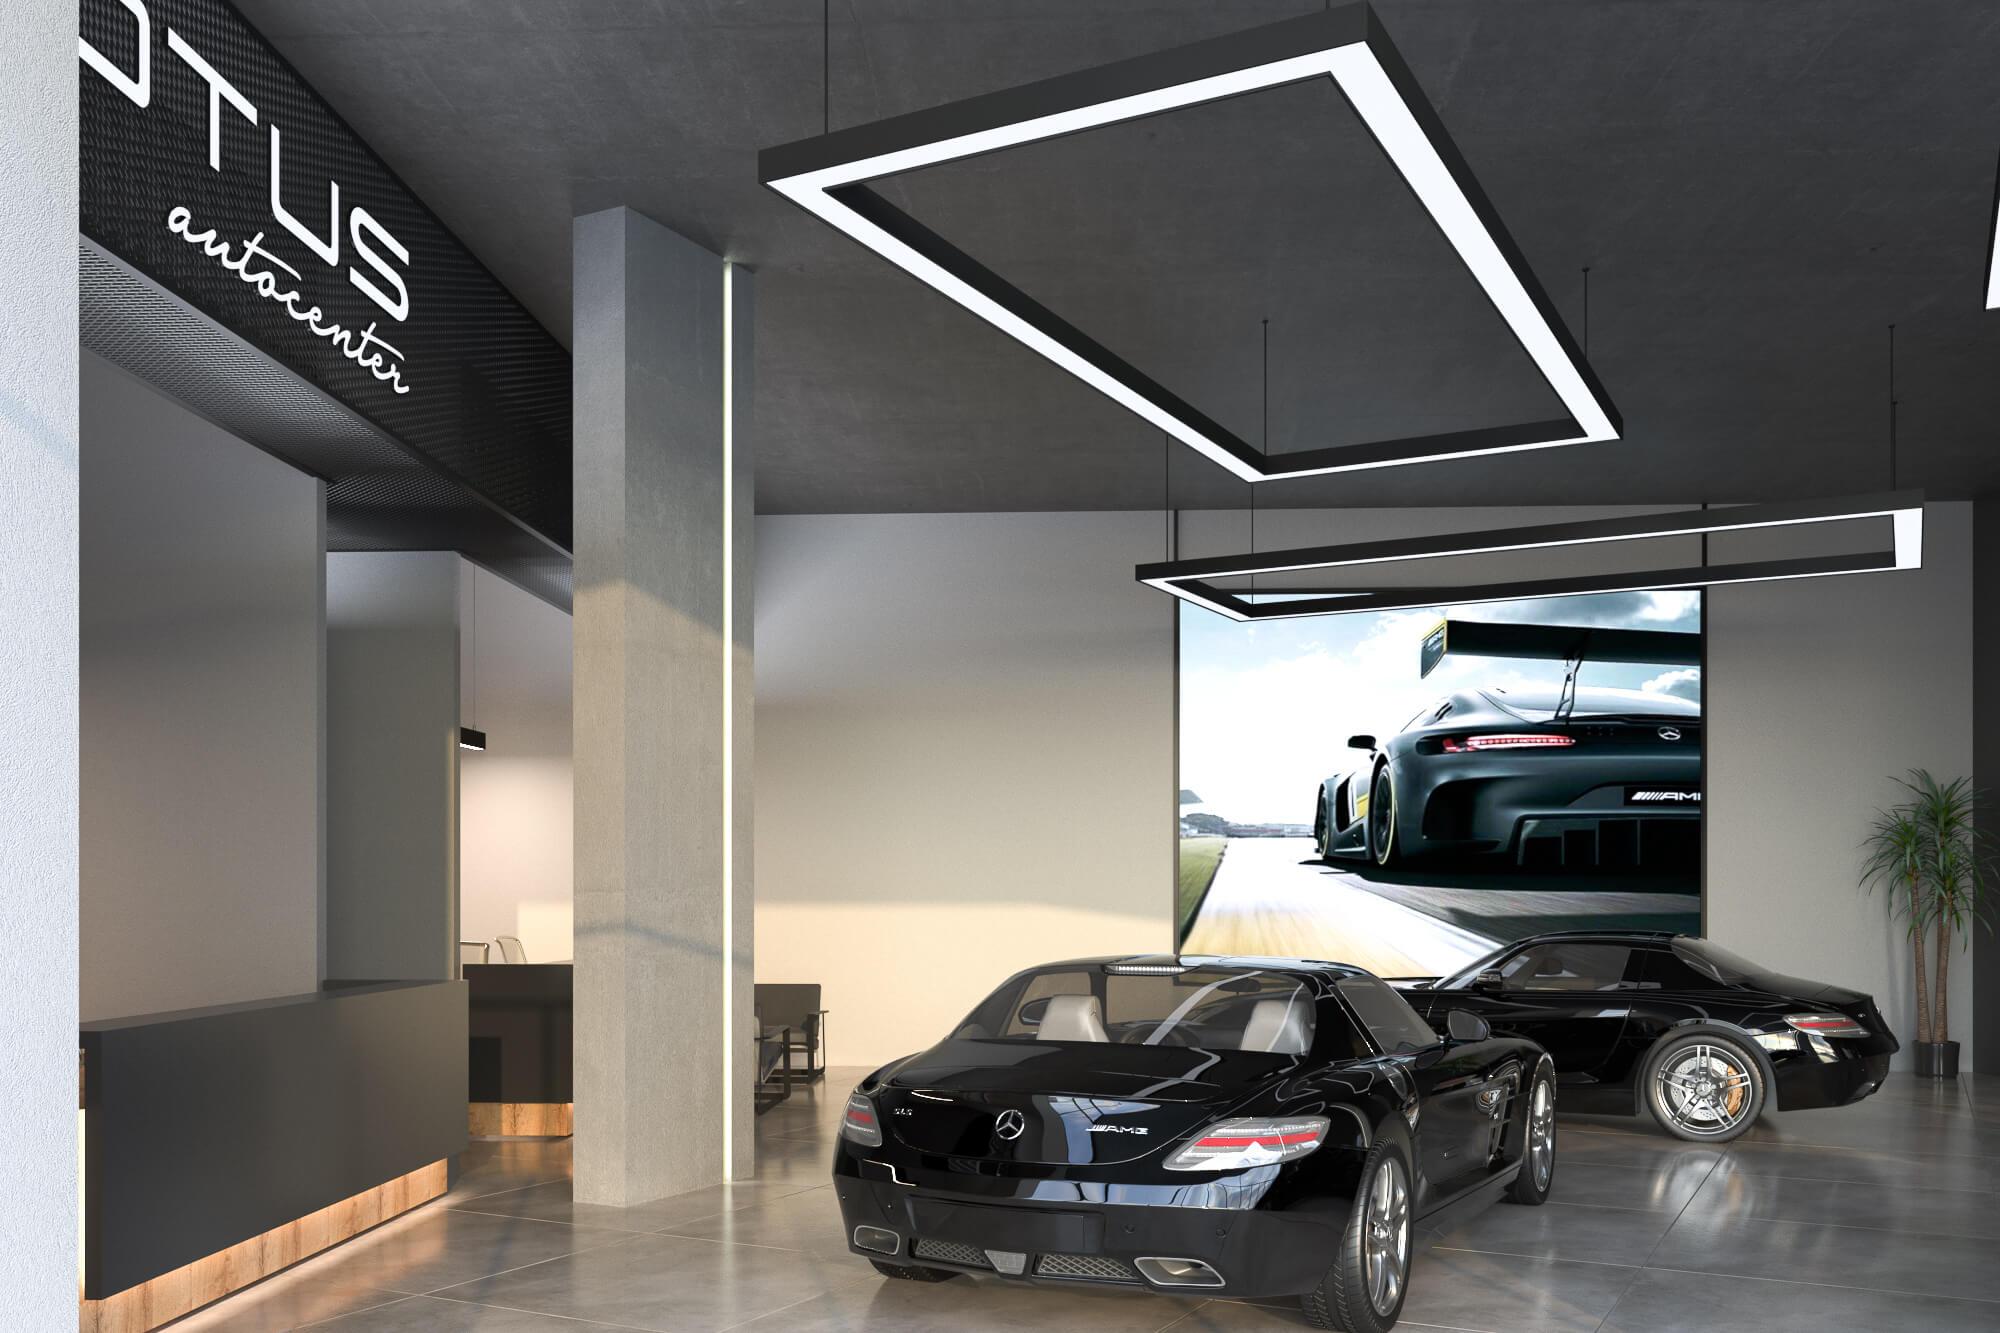 Motus Autocenter Wien von Innen. Showroom mit Mercendes Autos.